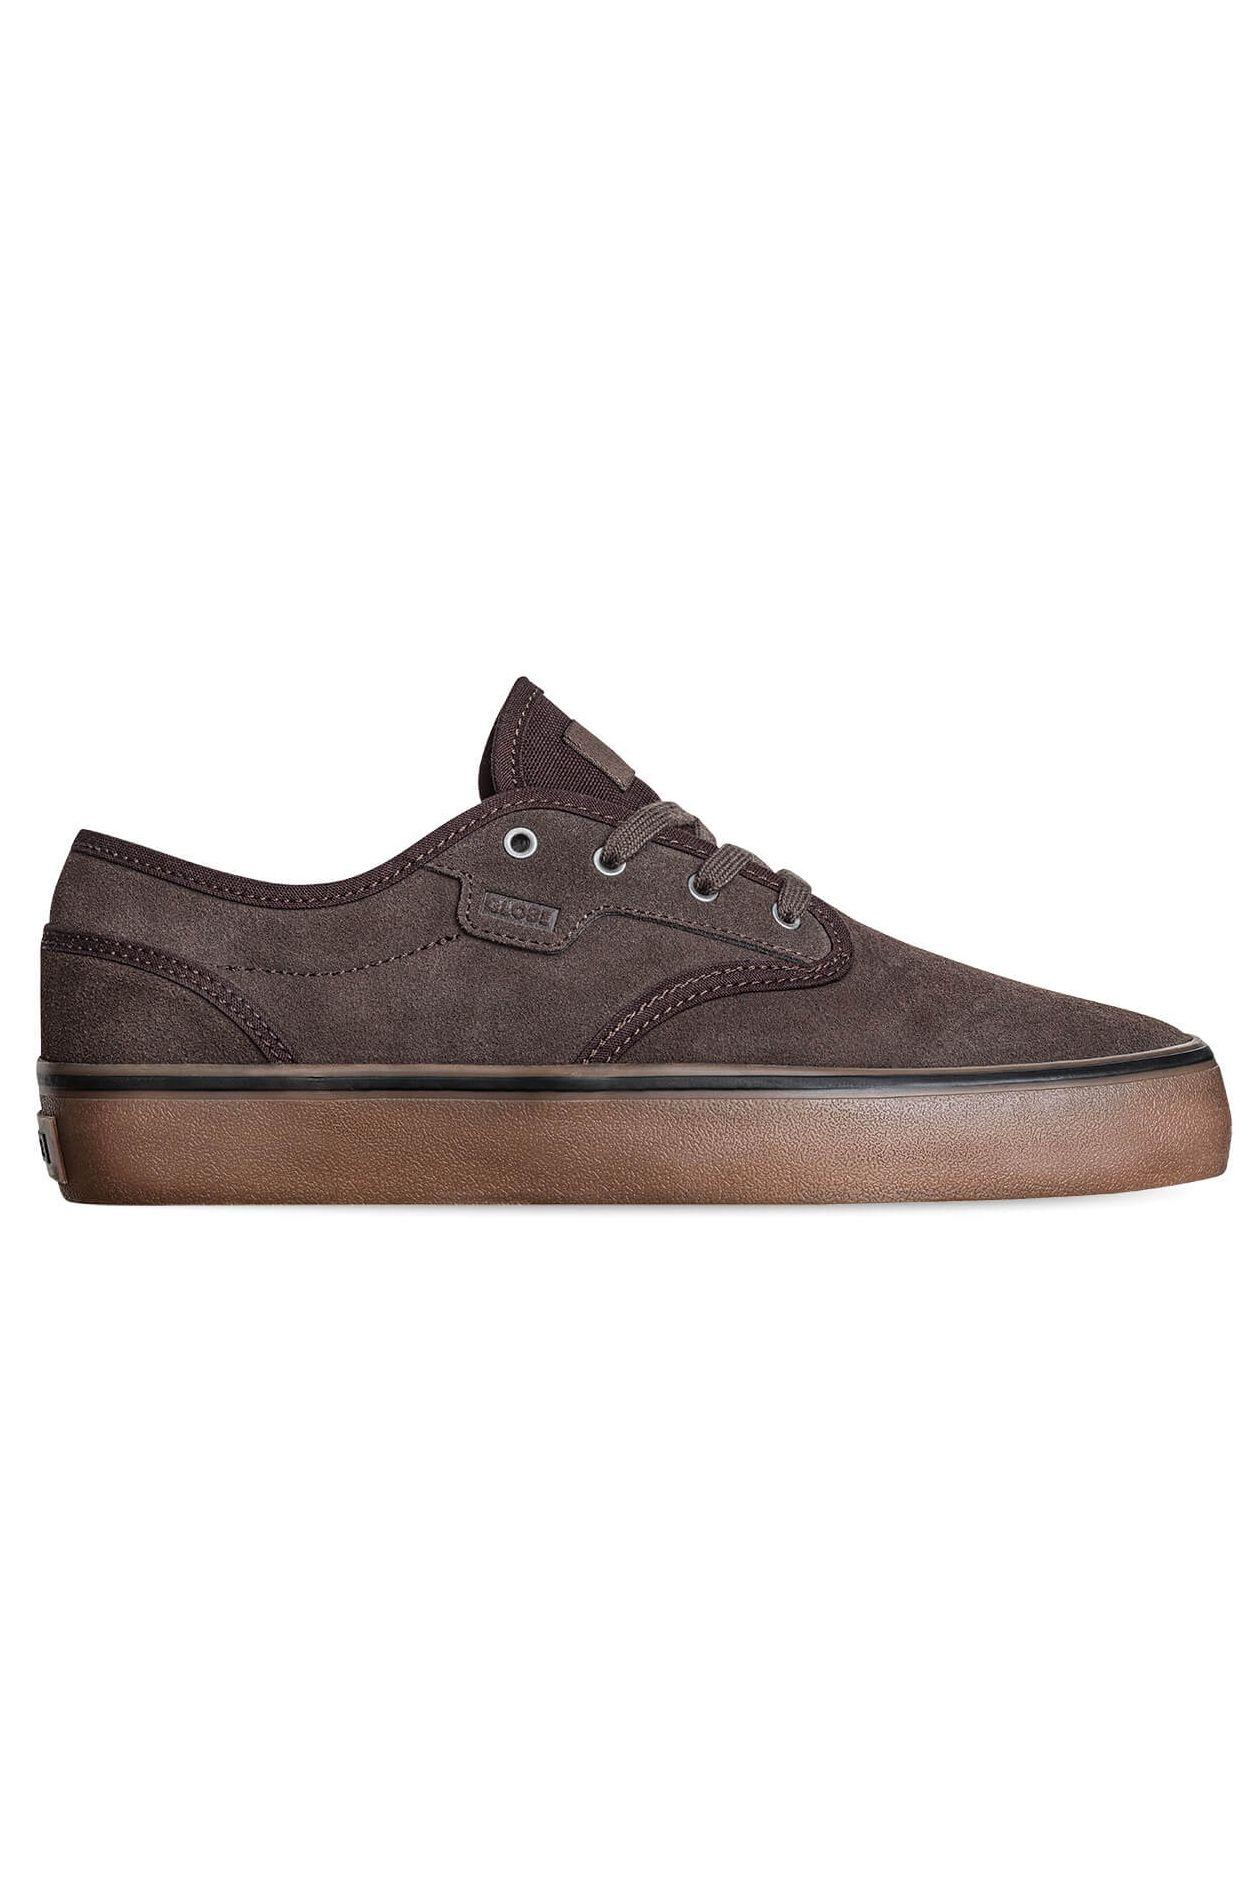 Globe Shoes MOTLEY II Mulch/Gum